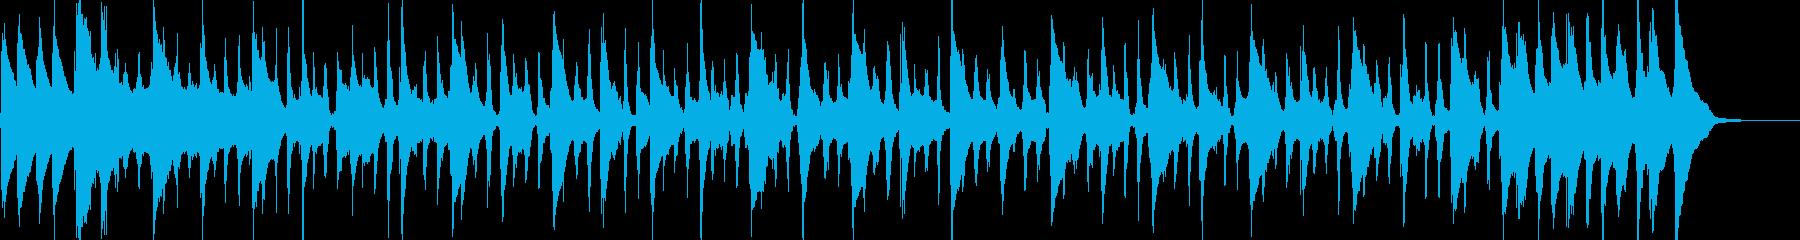 サンバ!Samba2 カーニバル!笛!の再生済みの波形